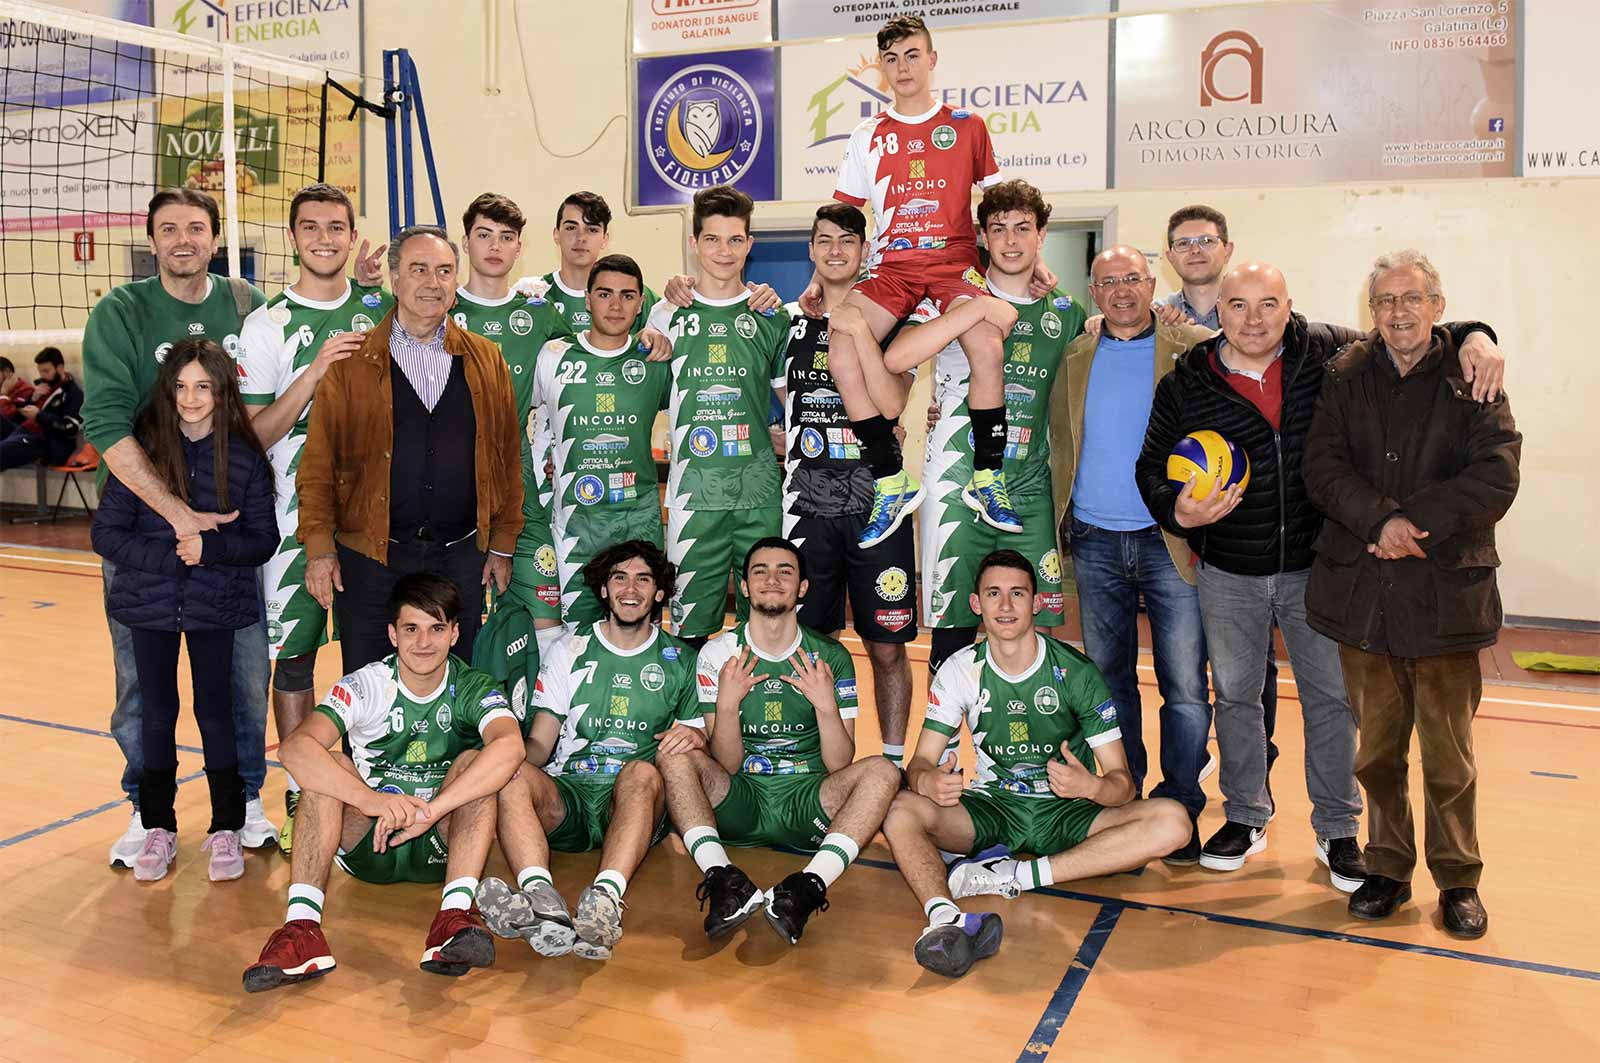 La Showy Boys under 18 tra le prime quattro di Puglia